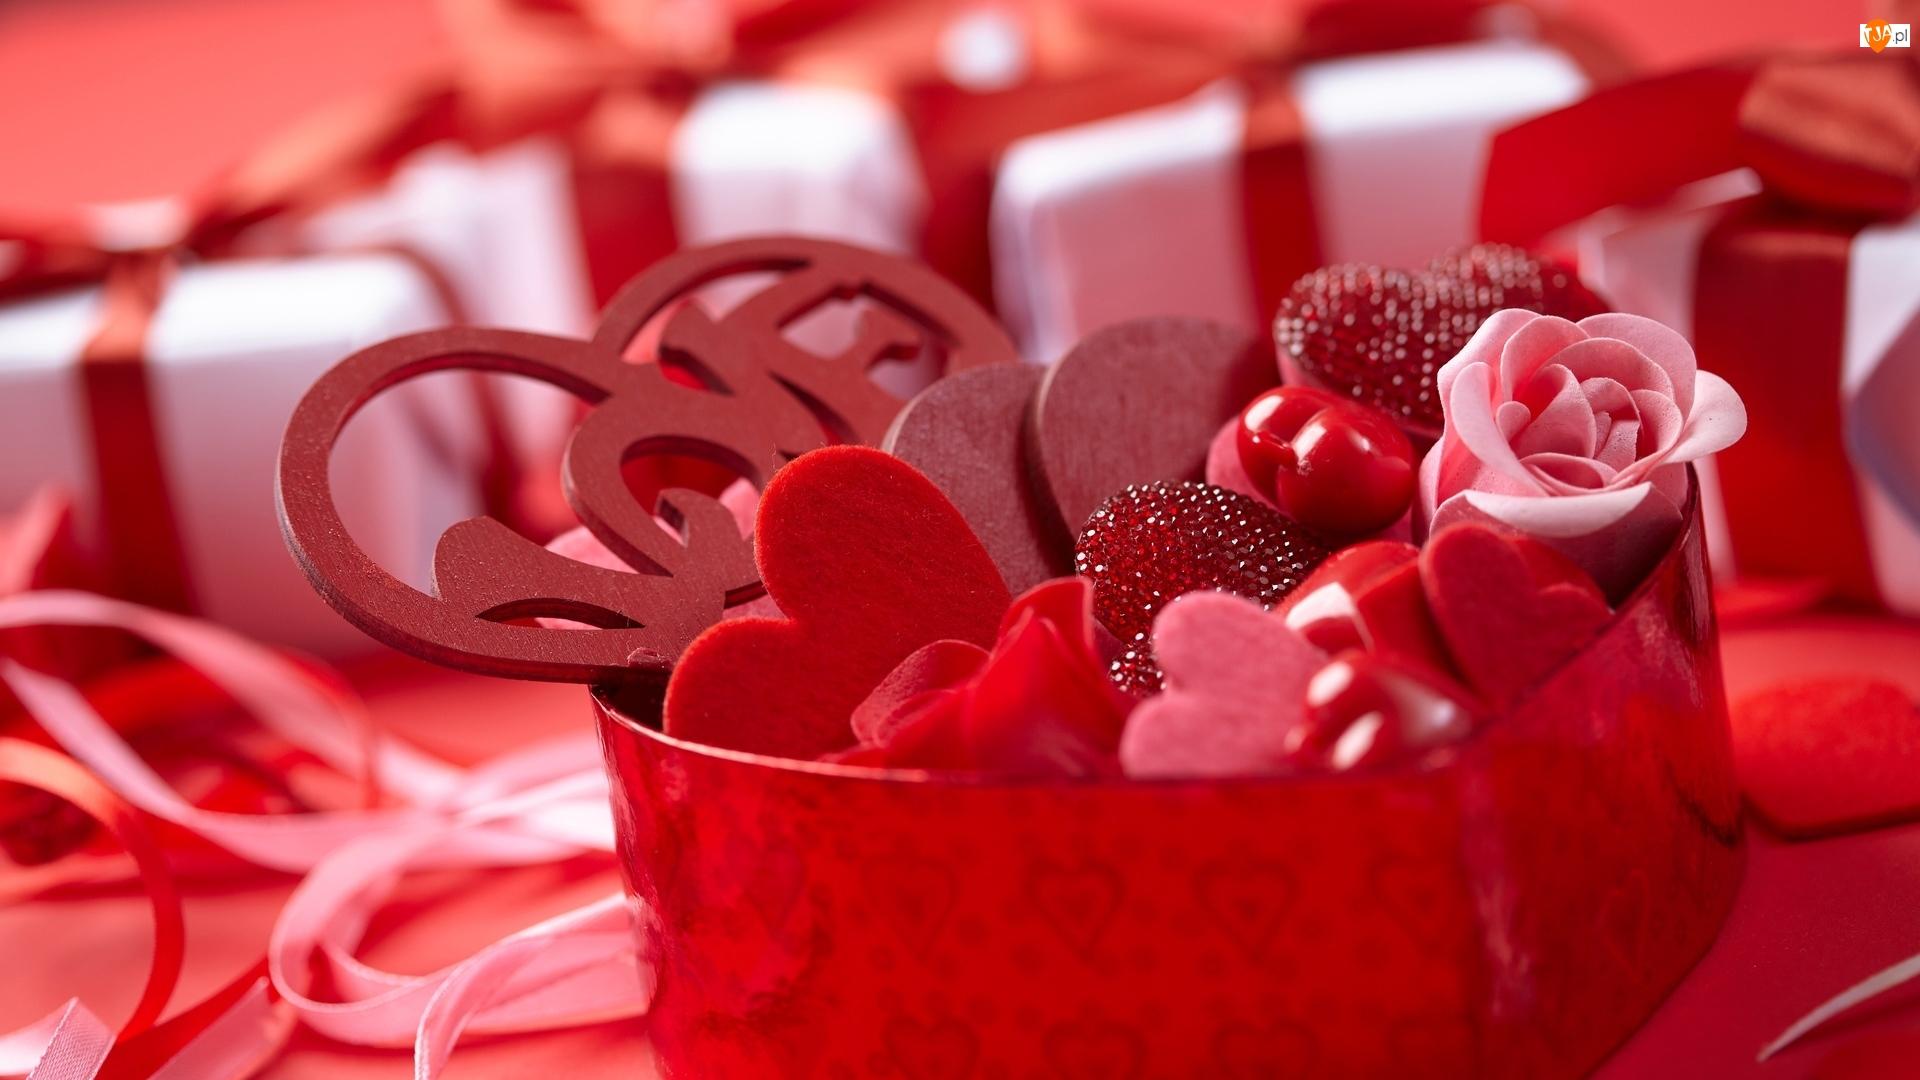 Słodycze, Walentynki, Serduszka, Pudełko, Prezenty